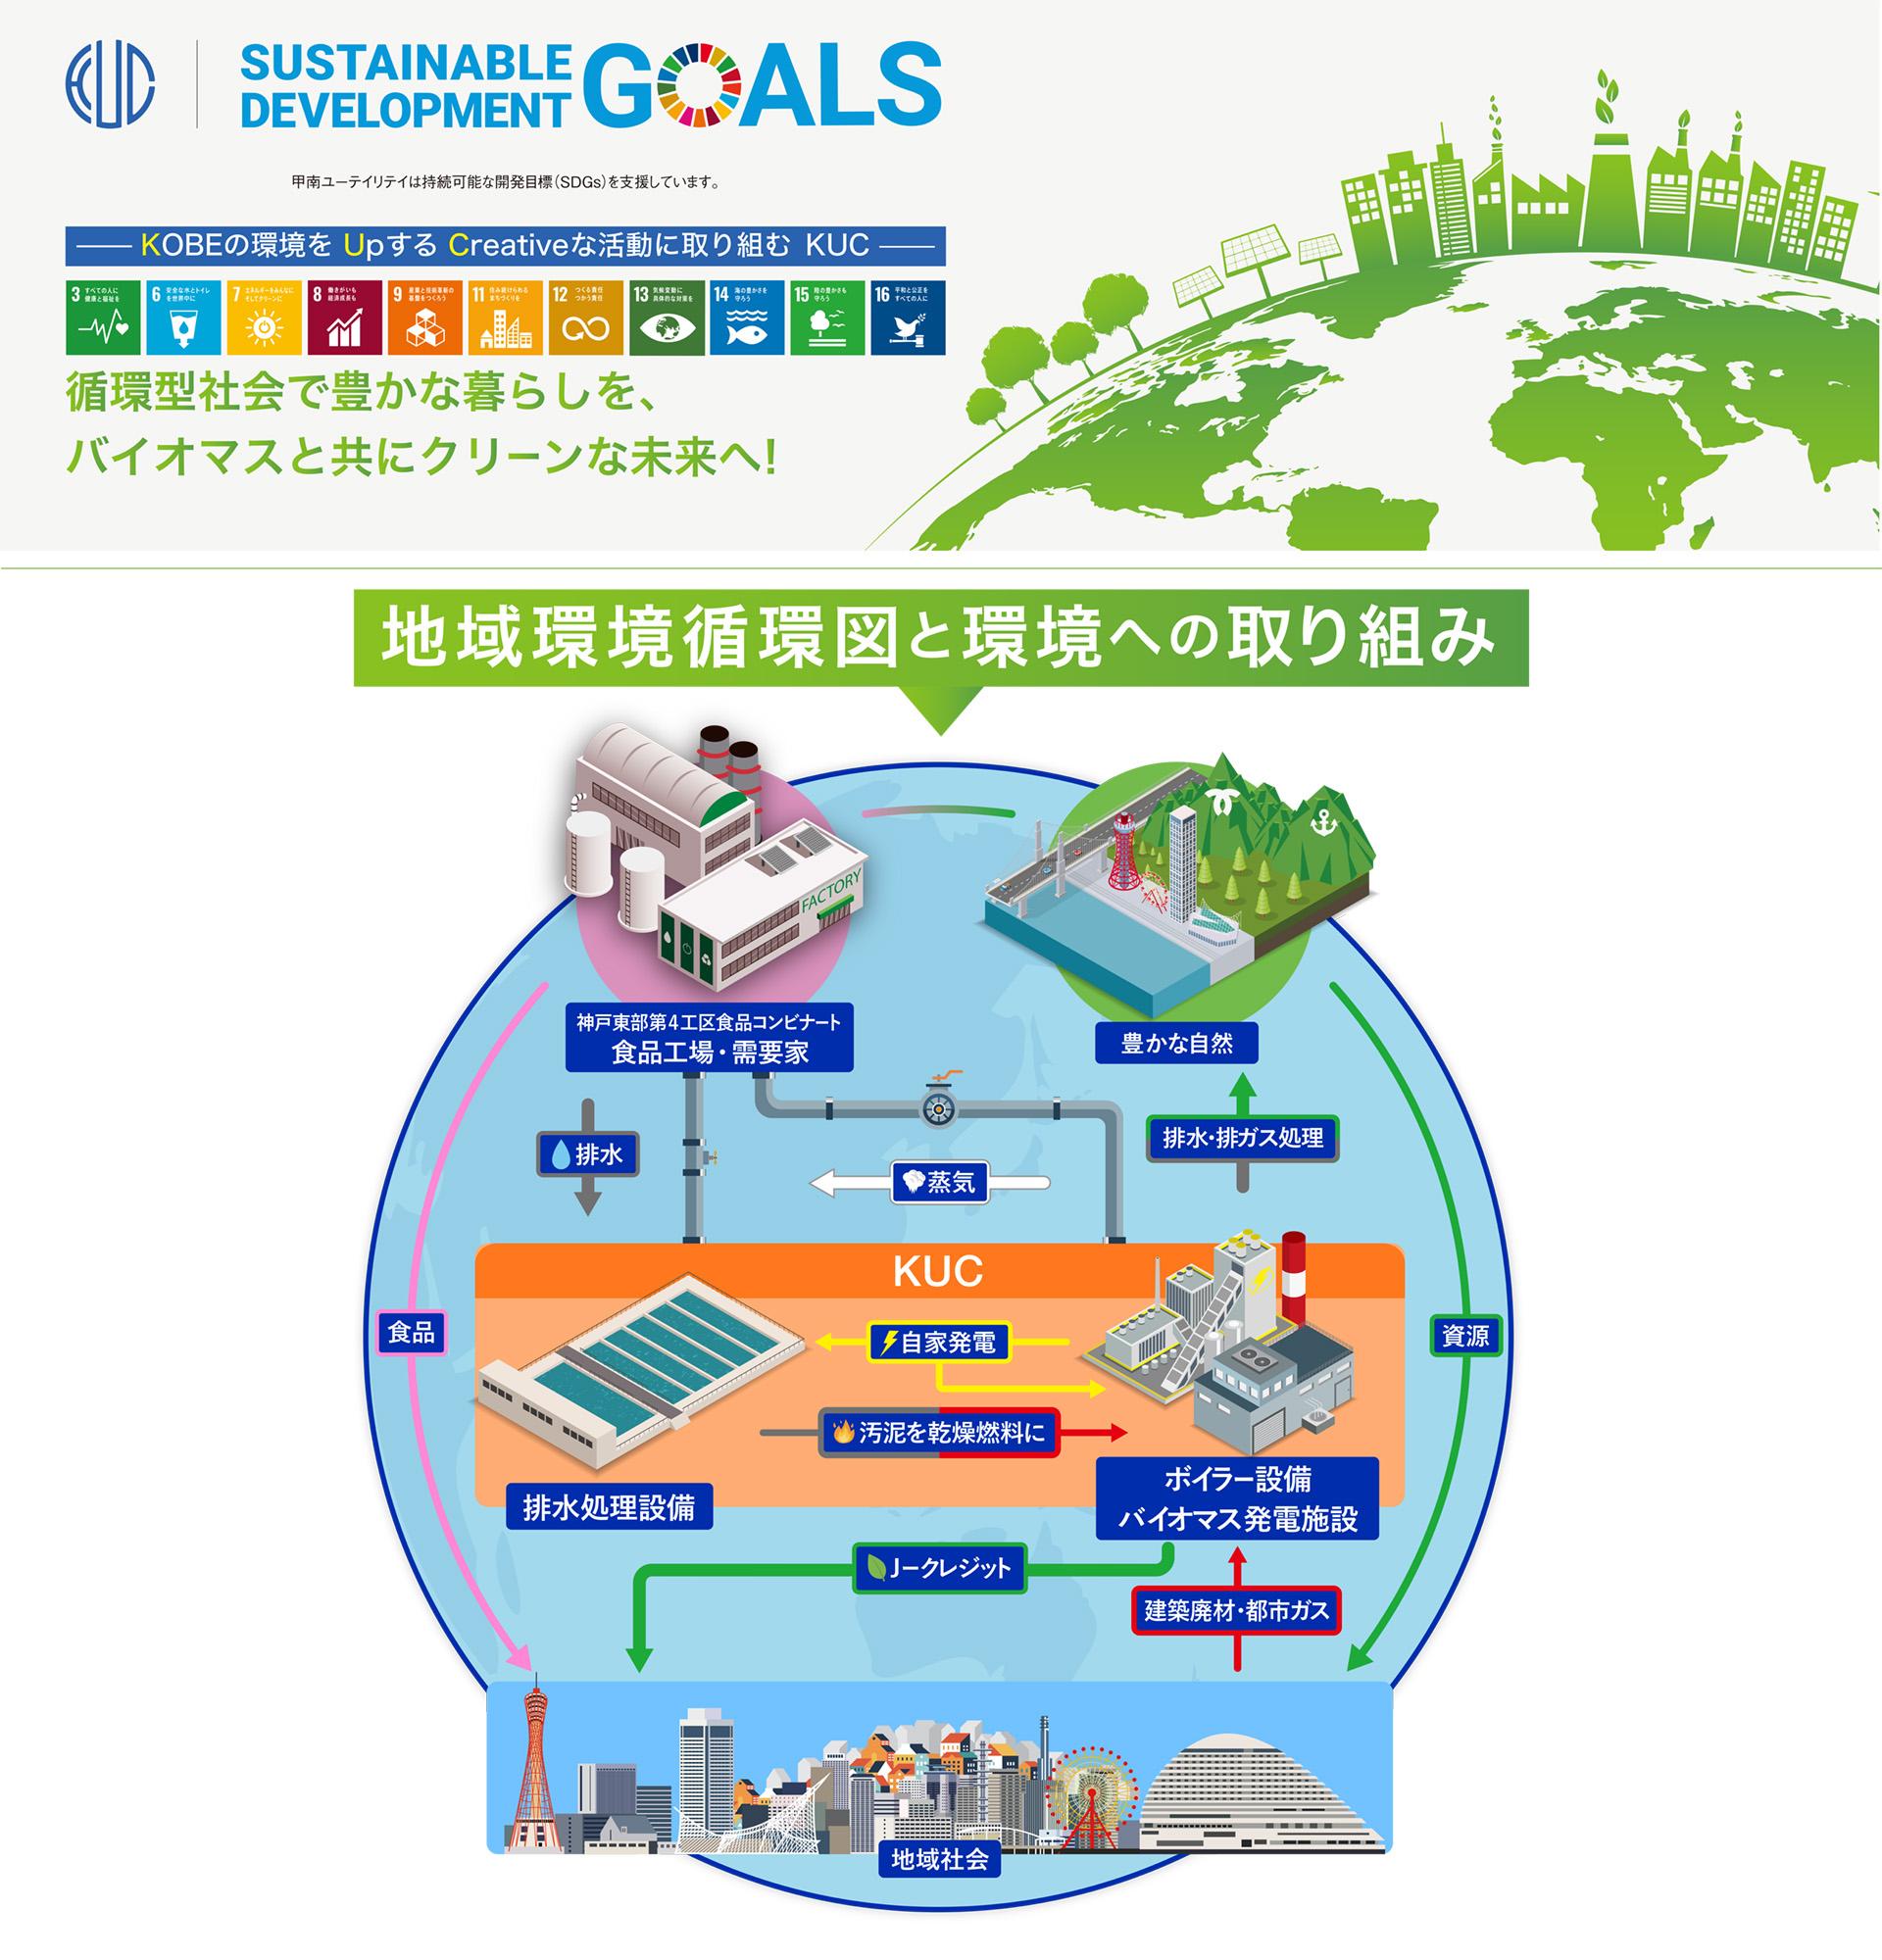 地域環境循環図と環境への取り組み